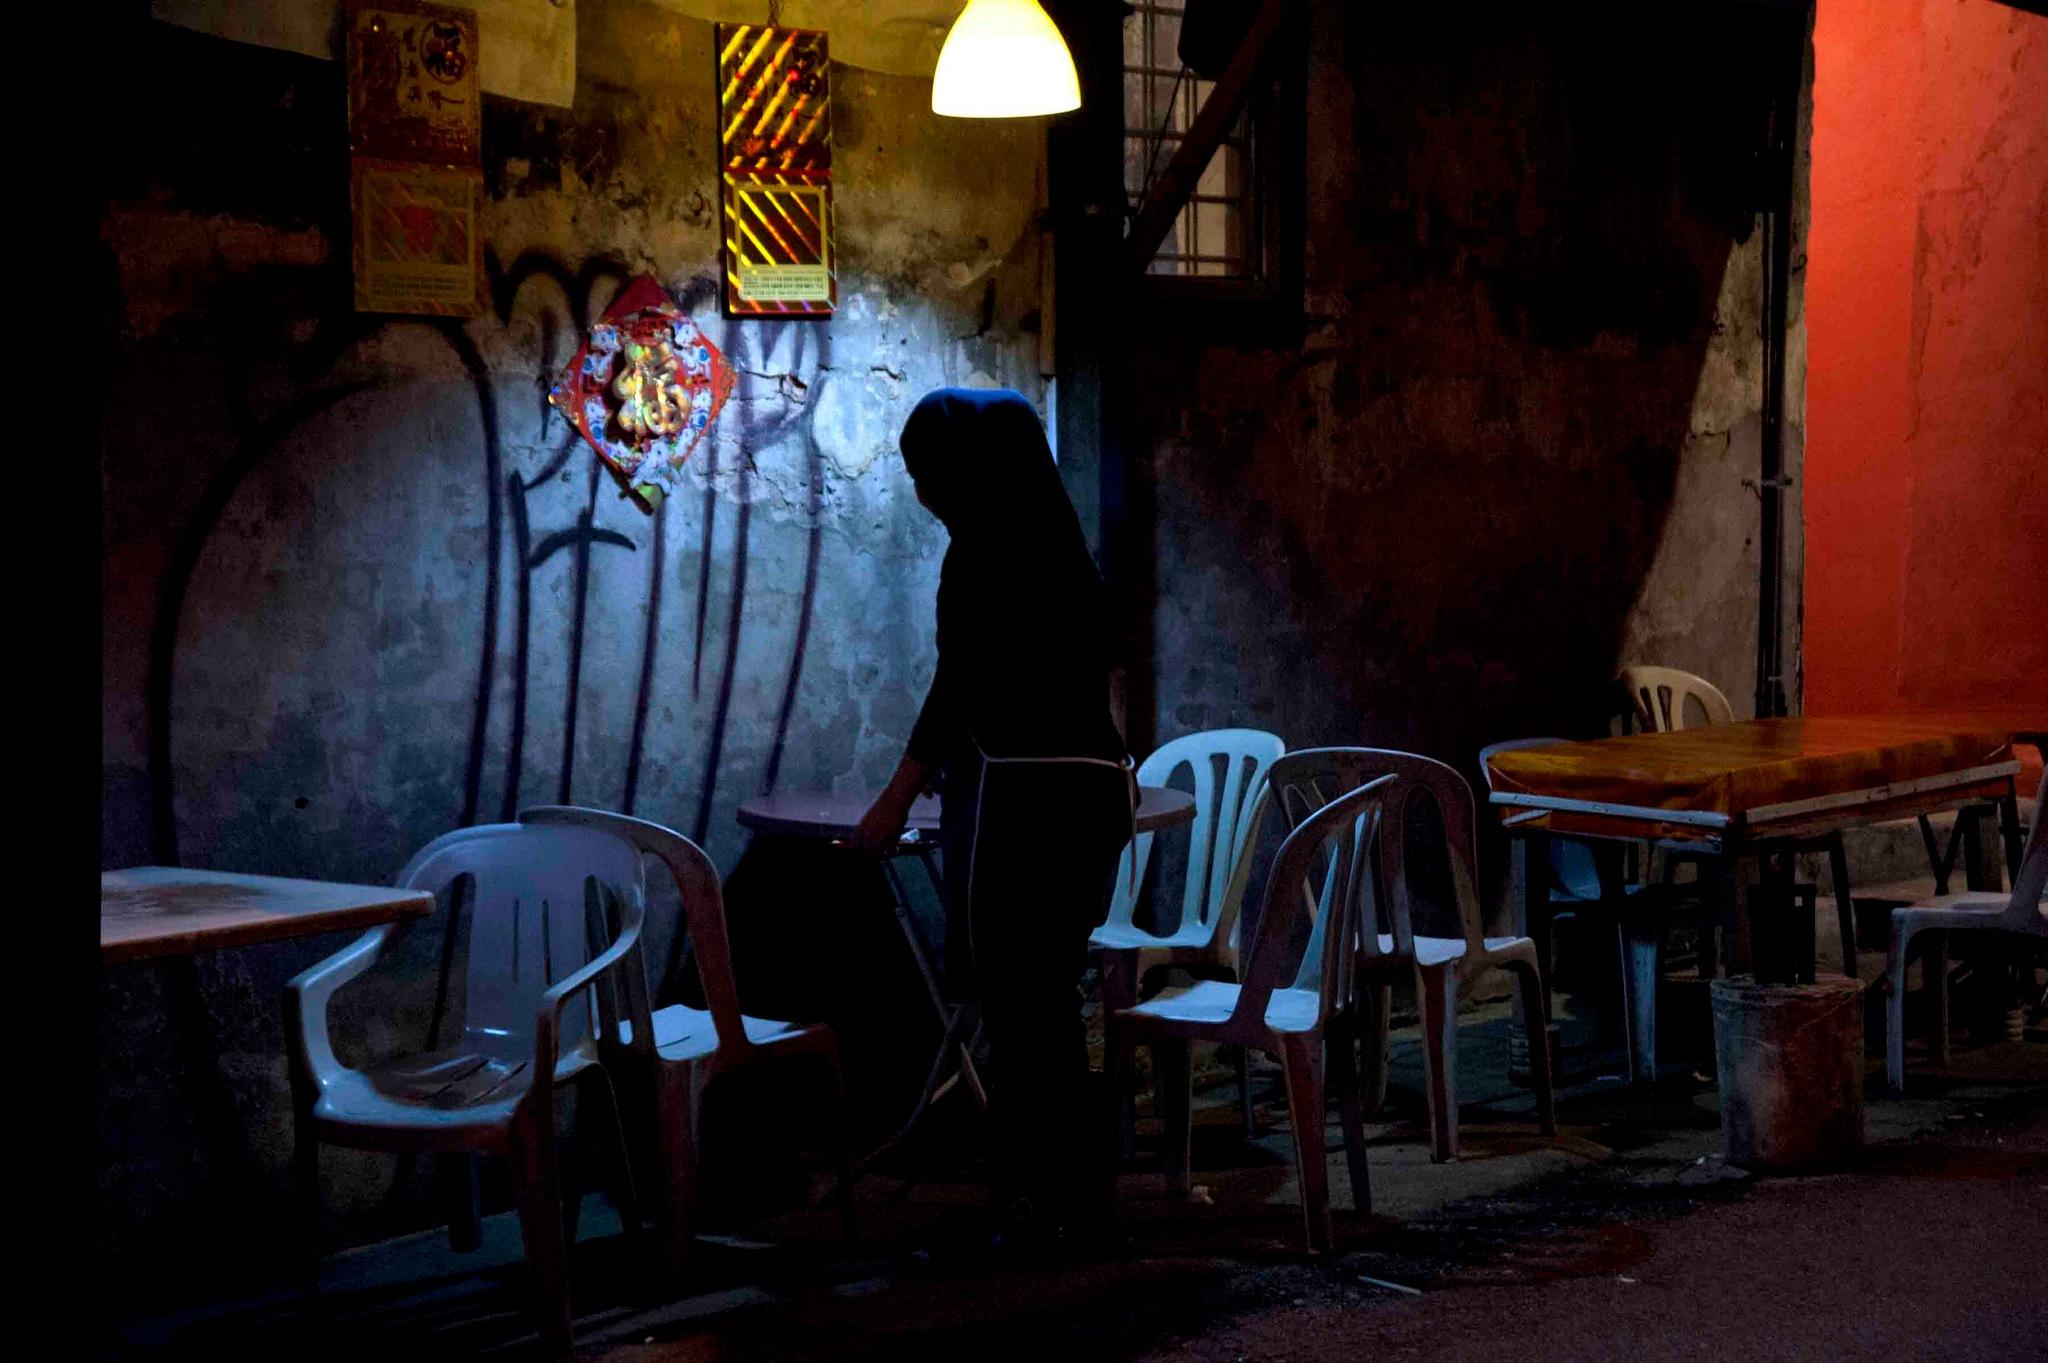 night stall by Mustaffa Tapa Otai